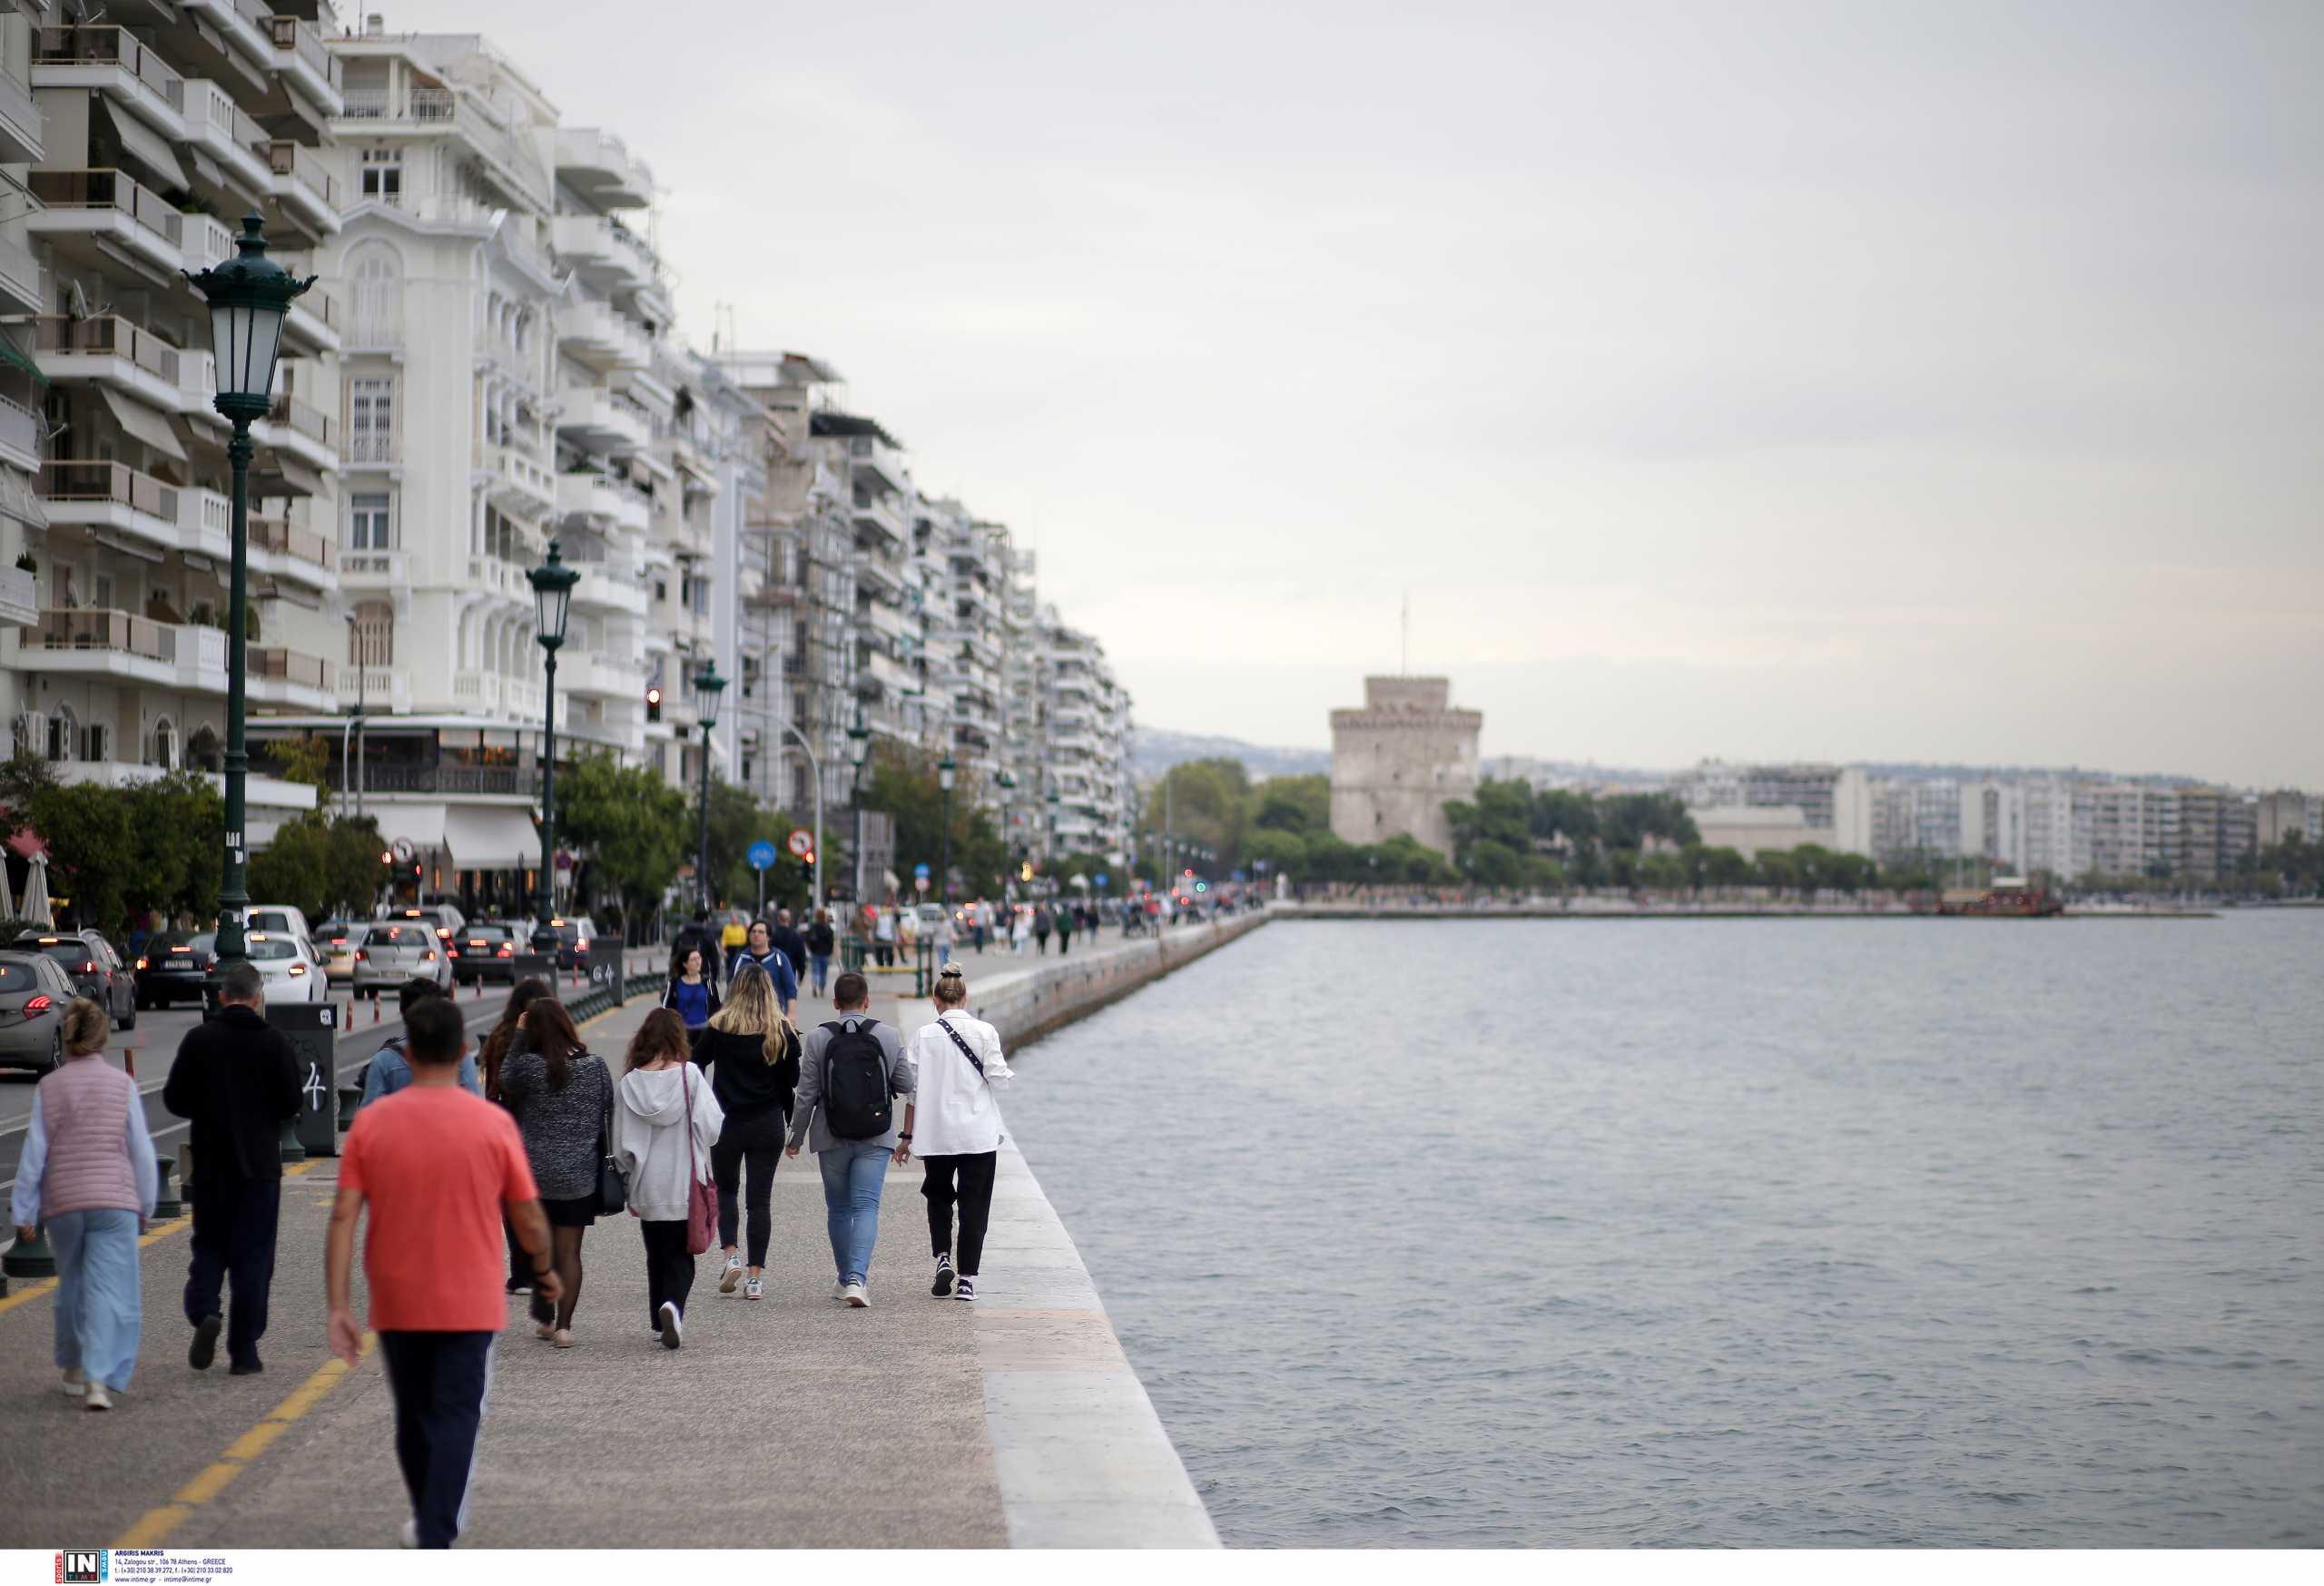 Κορονοϊός - Θεσσαλονίκη: Με διακυμάνσεις το ιικό φορτίο στα λύματα της πόλης